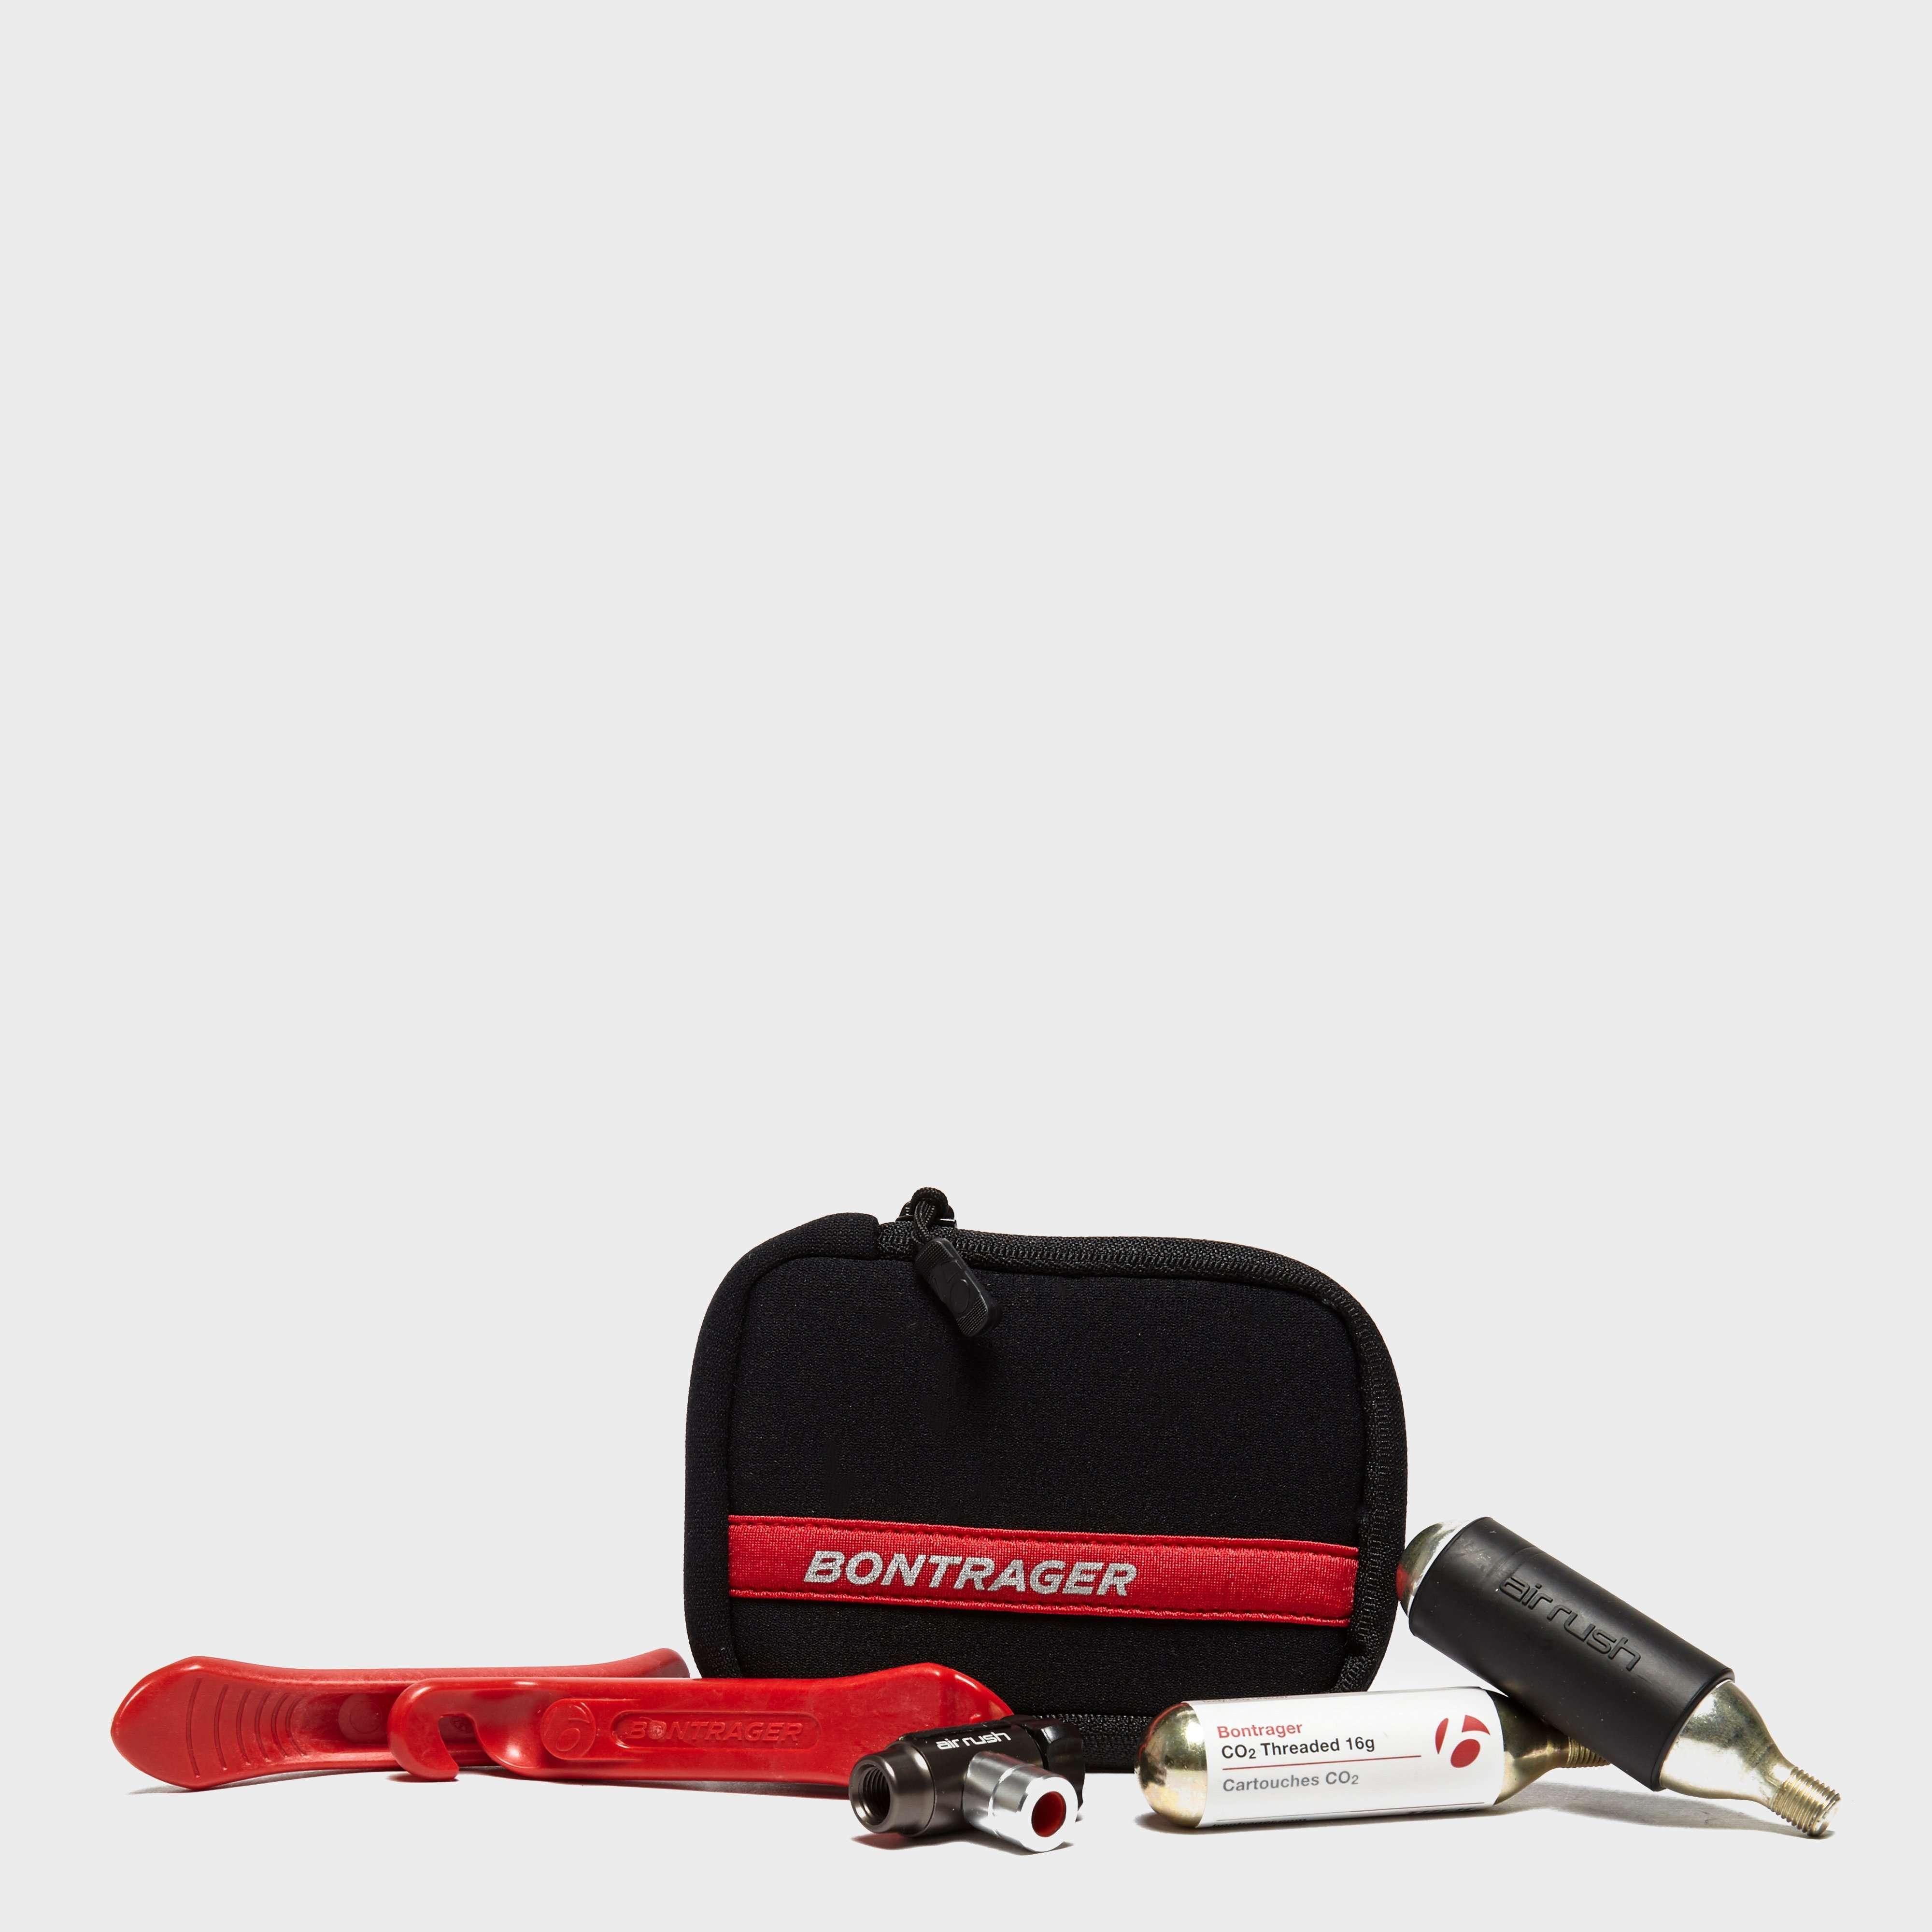 BONTRAGER Air Pack Pump Puncture Set